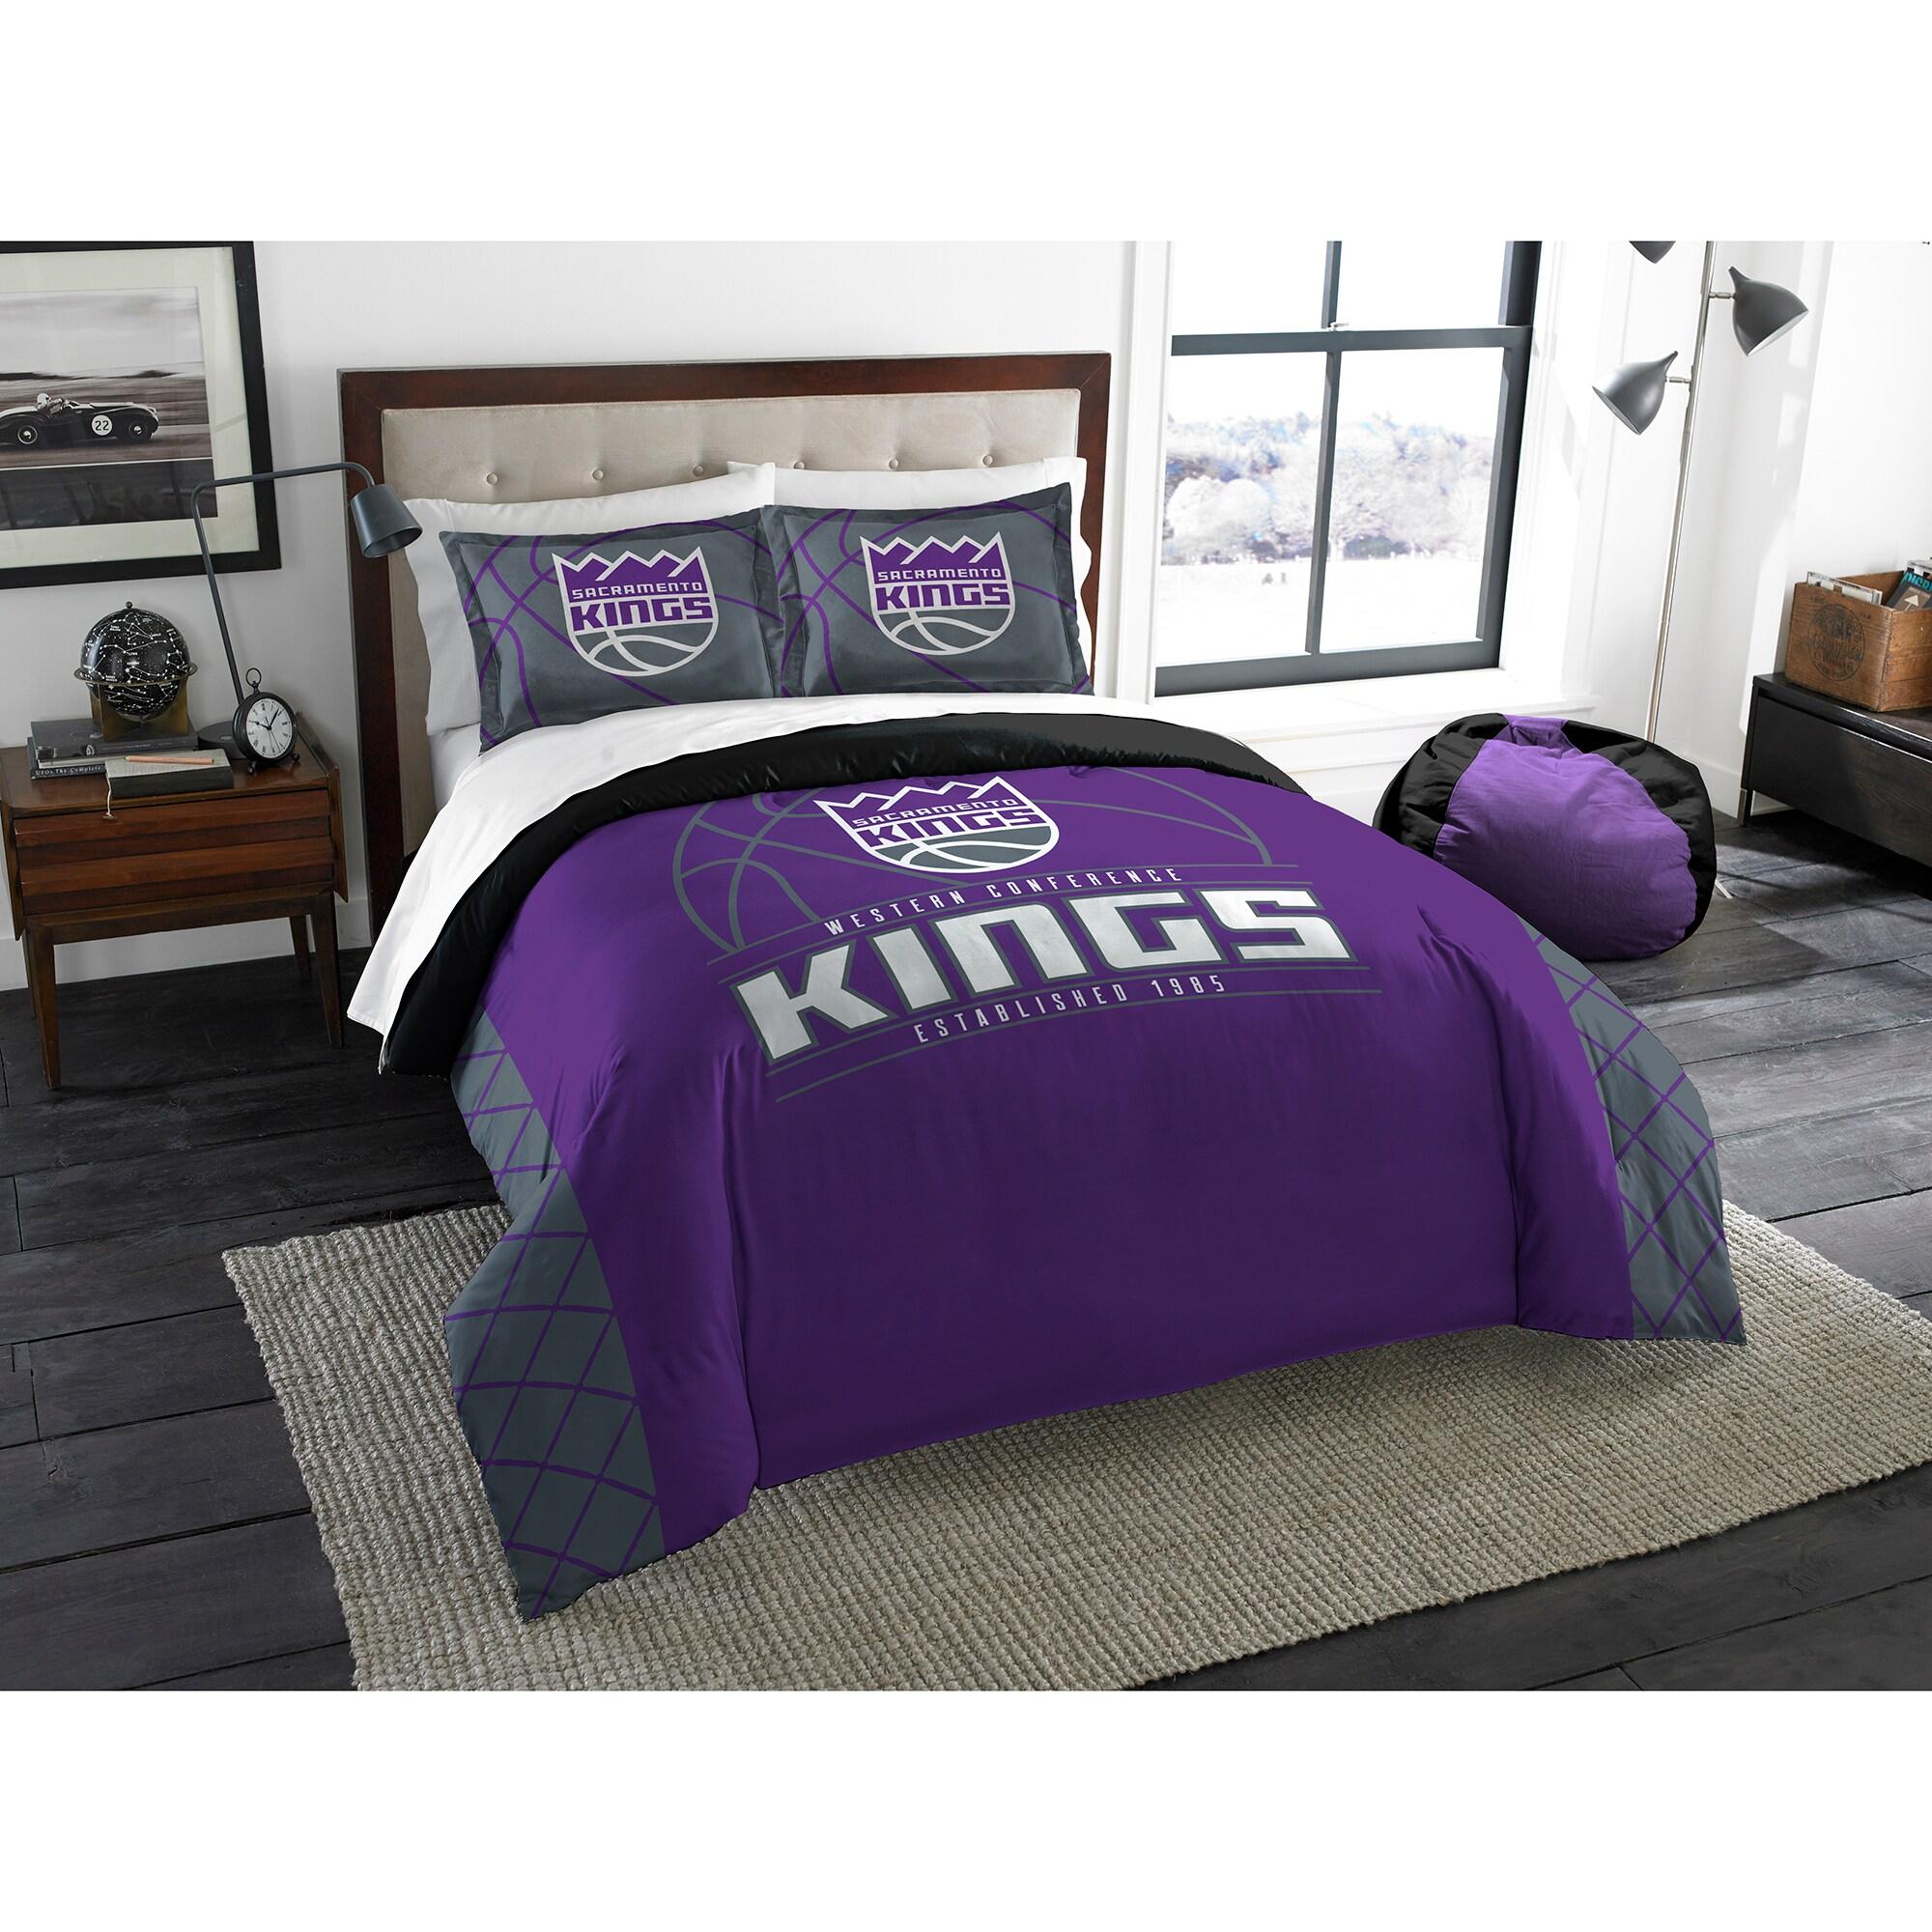 Sacramento Kings The Northwest Company Reverse Slam Full/Queen Comforter Set